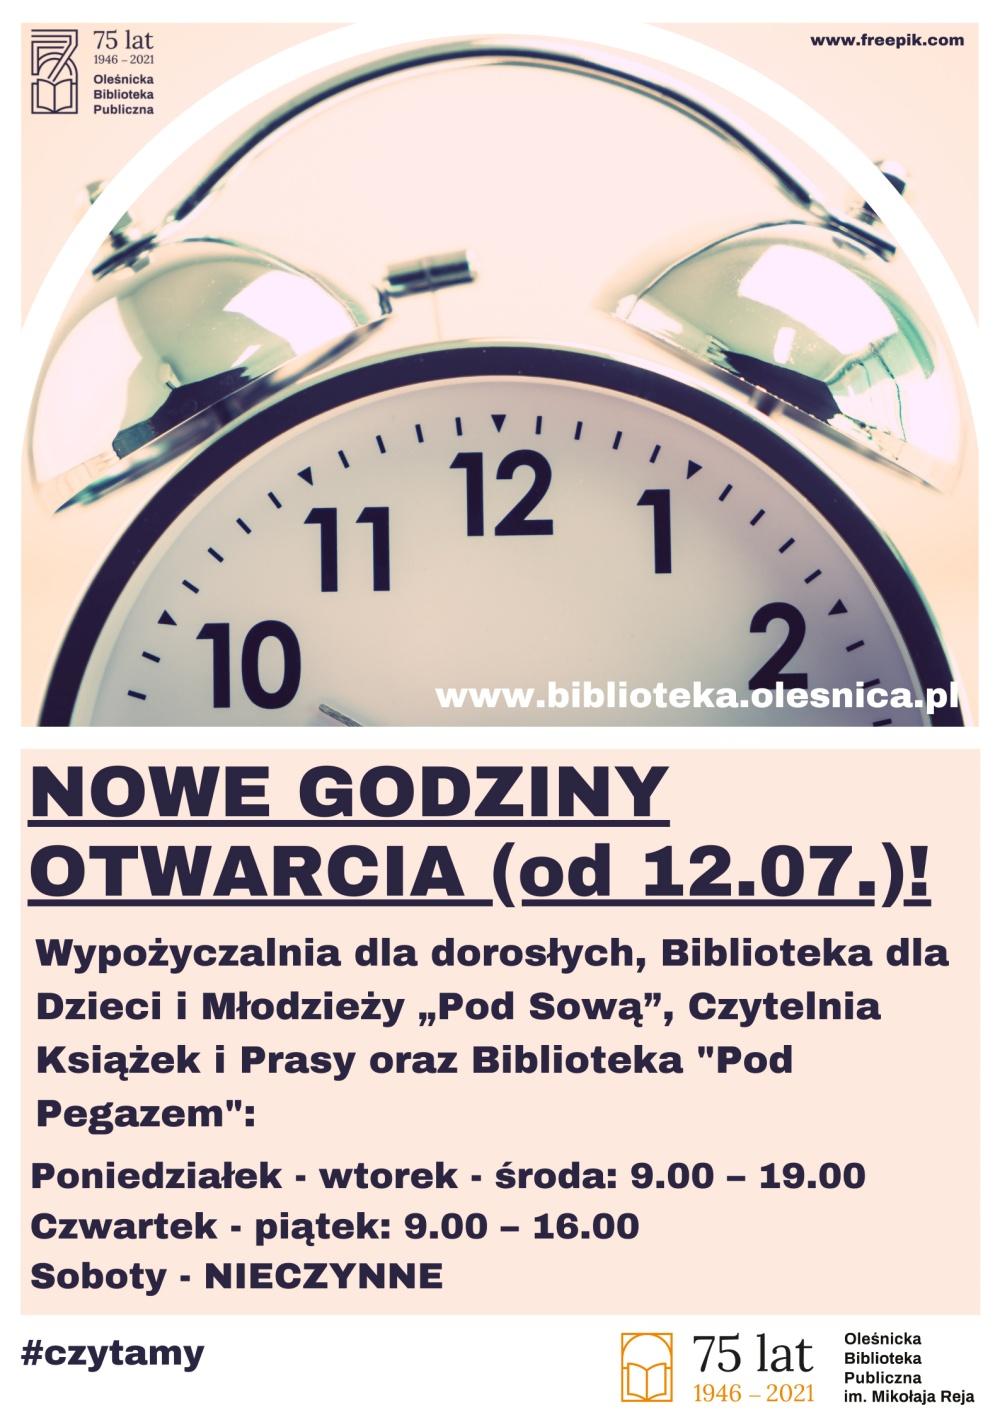 Plakat informujący o godzinach pracy biblioteki w okresie od 12.07 do 31.08.2021